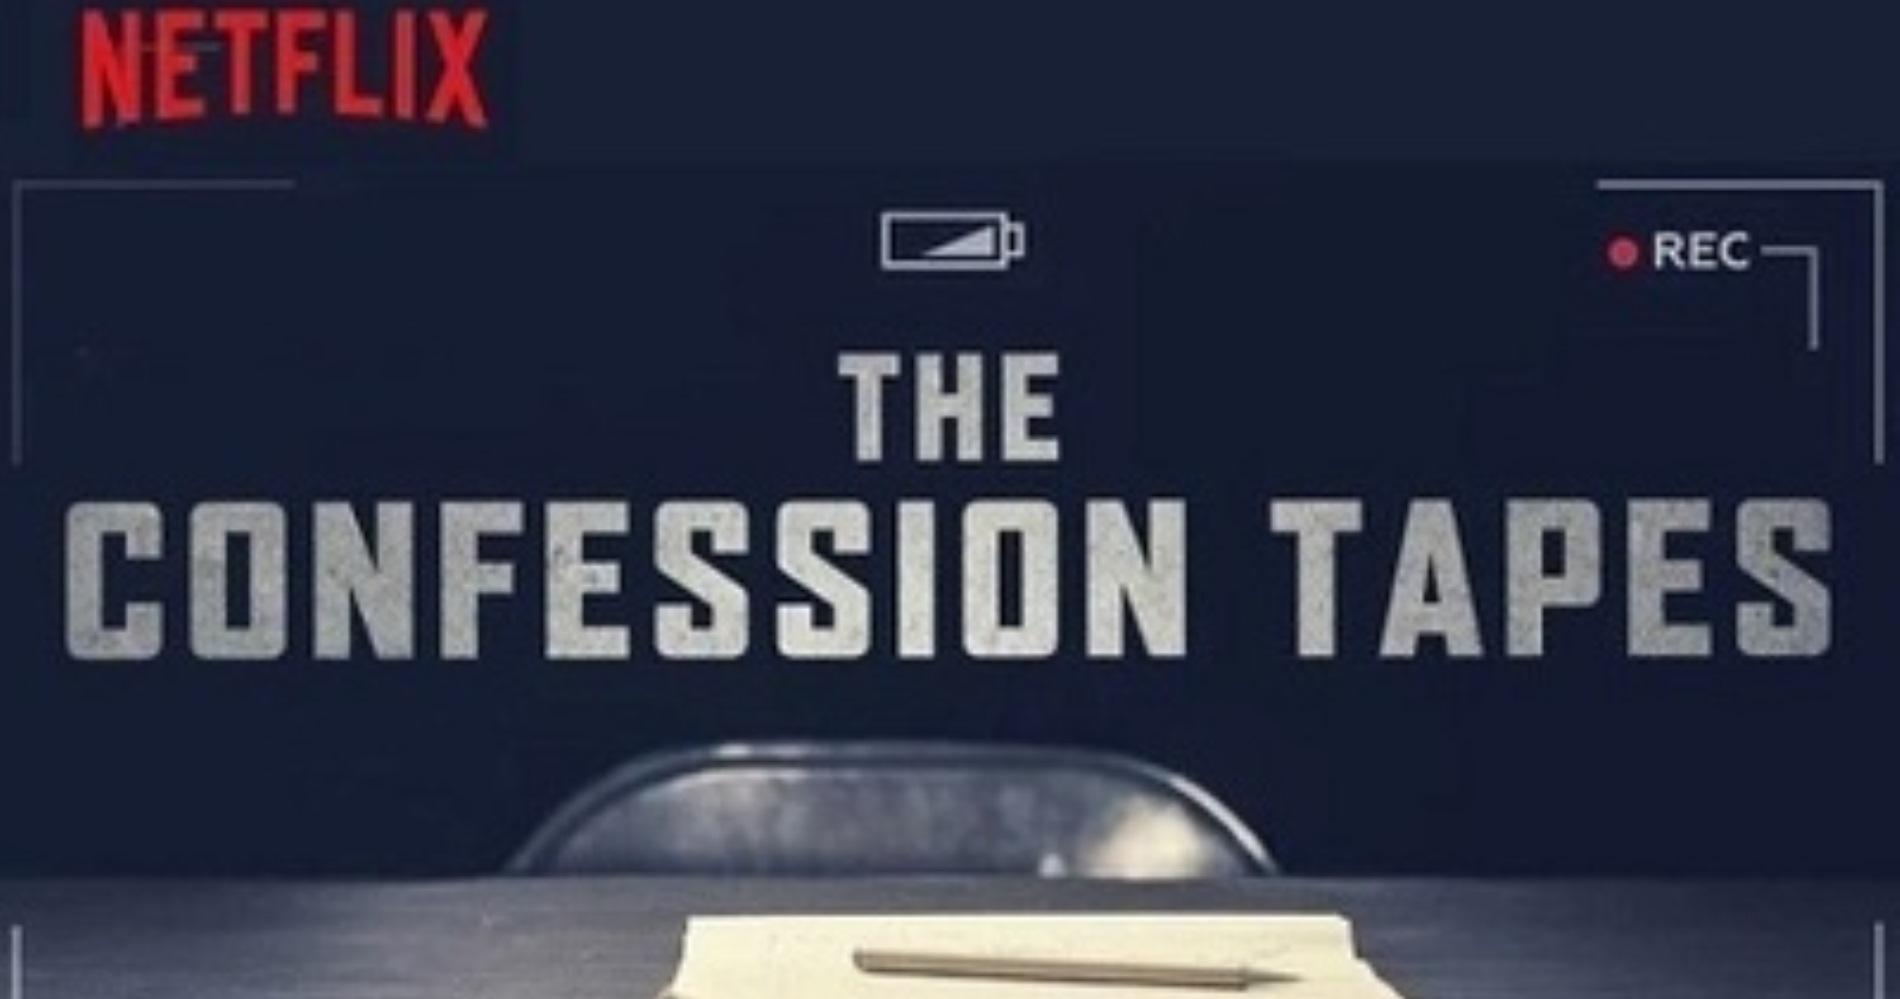 """<span class=""""entry-title-primary"""">The Confession Tapes – Quando la giustizia è il porto meno sicuro dove rifugiarsi.</span> <span class=""""entry-subtitle"""">Il 21 giugno è stata rilasciata su Netflix la seconda stagione di The Confession Tapes. Scopriamo insieme il true crime di Kelly Loudenberg.</span>"""